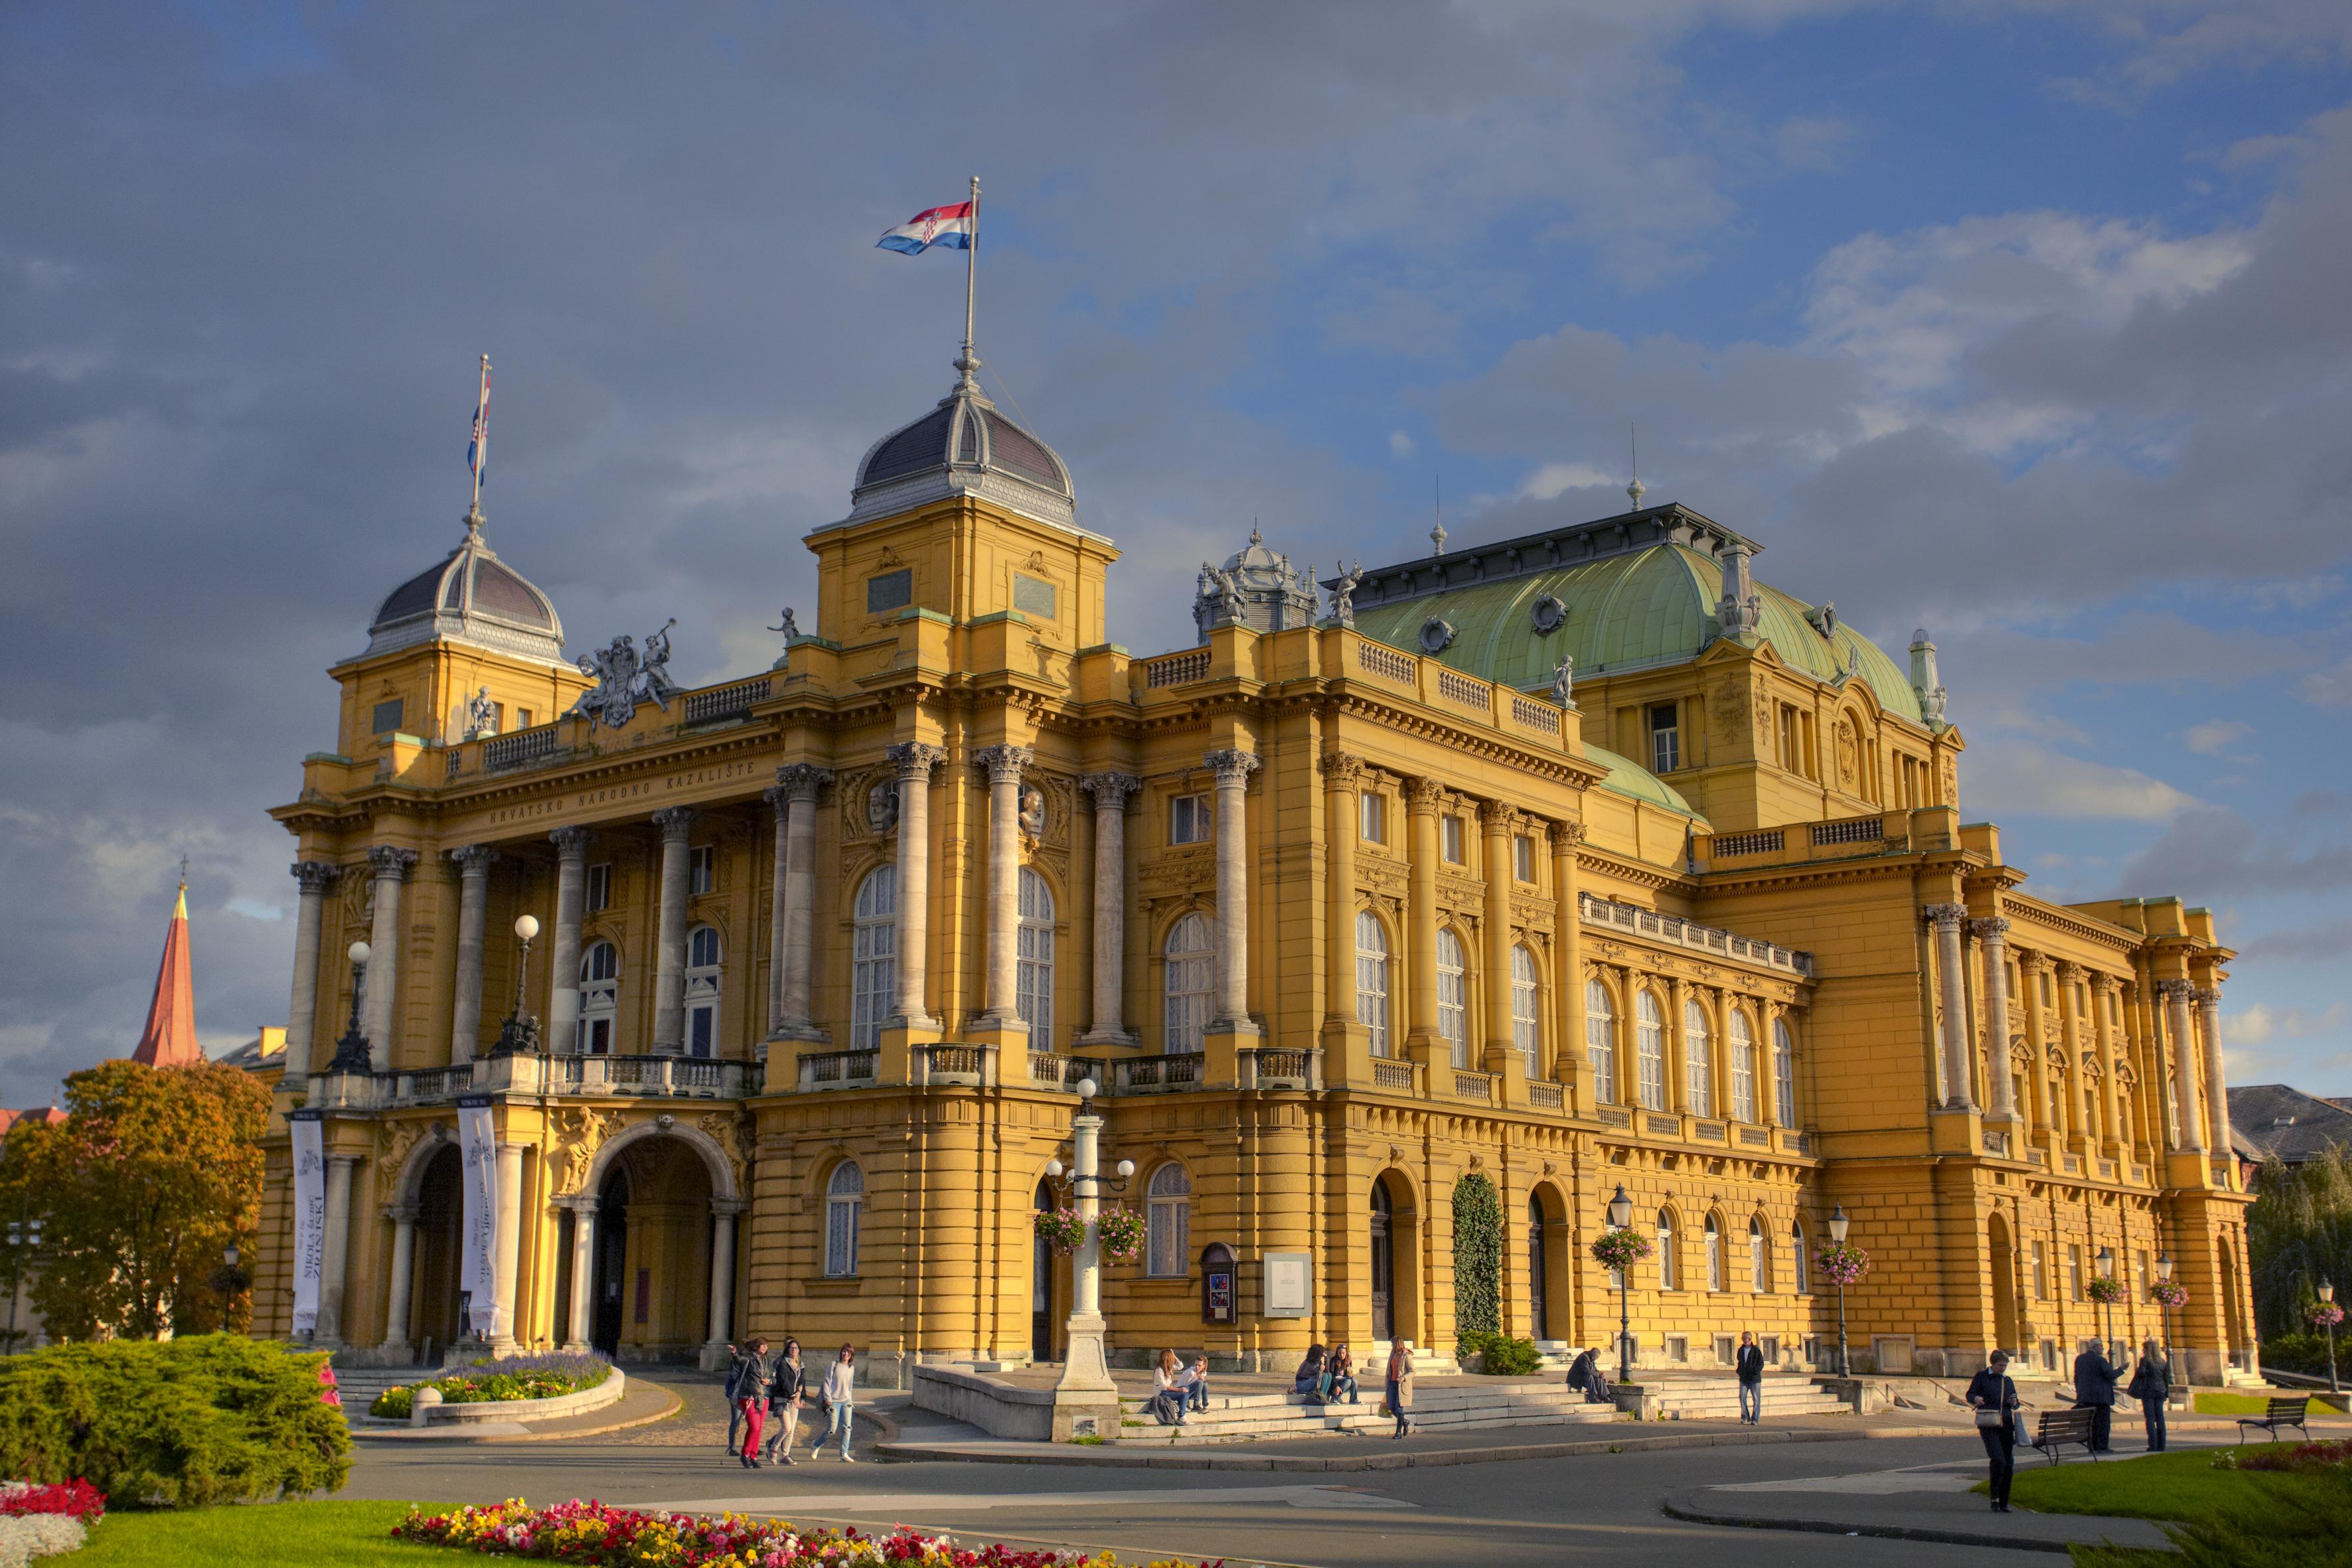 kroatische-nationaltheater-zagreb-optimiert-fuer-den-druck-marko-vrdoljak